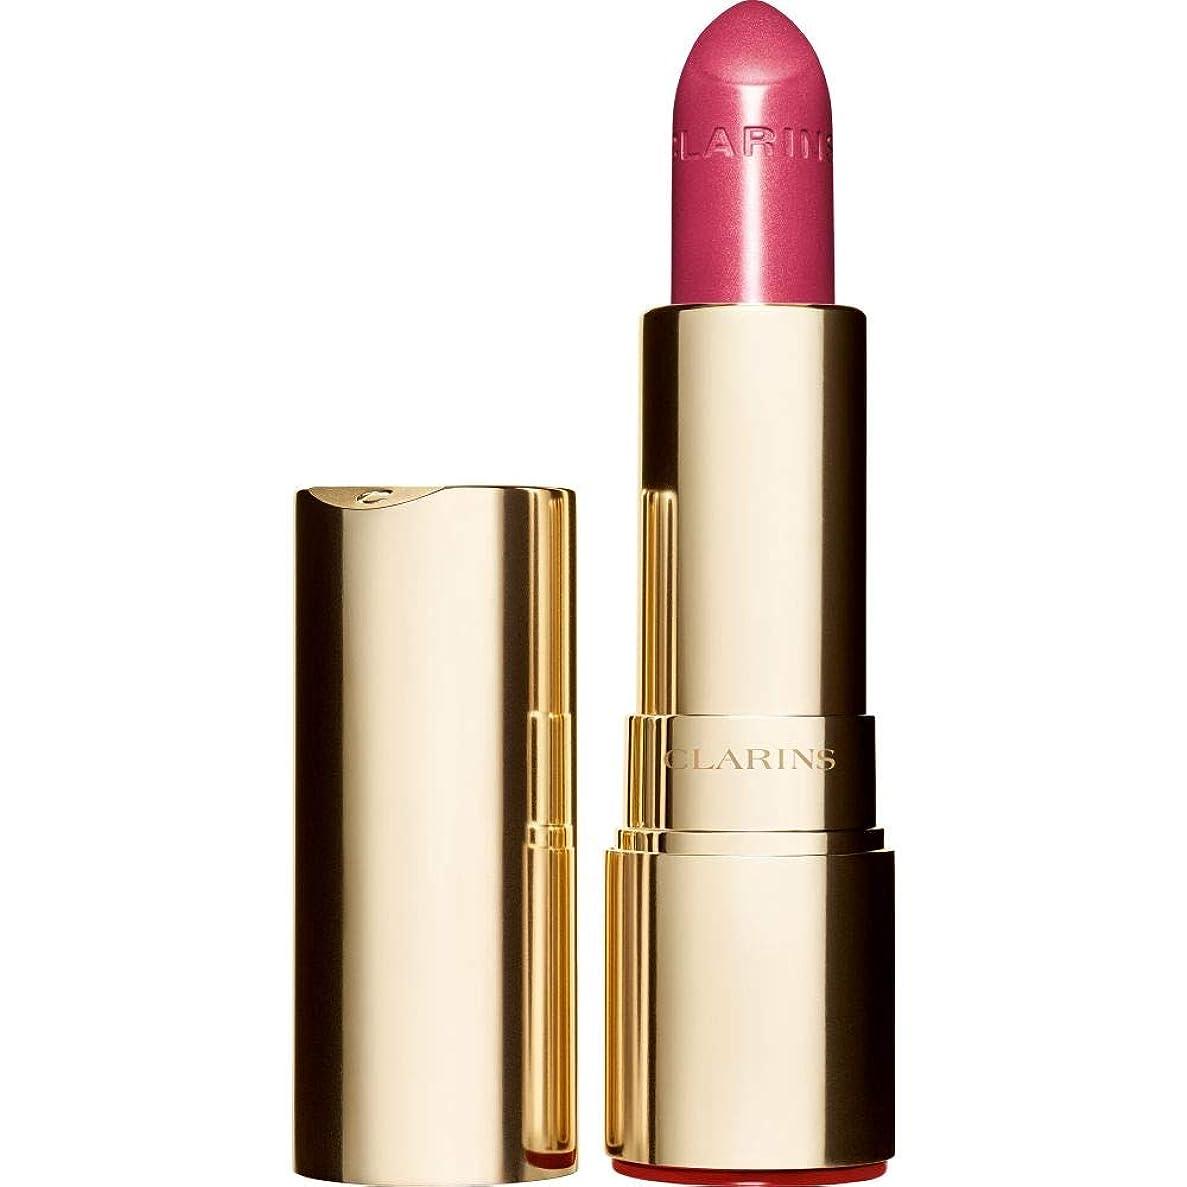 資金無謀支援する[Clarins ] クラランスジョリルージュブリリアント口紅3.5グラムの723S - ラズベリー - Clarins Joli Rouge Brillant Lipstick 3.5g 723S - Raspberry [並行輸入品]